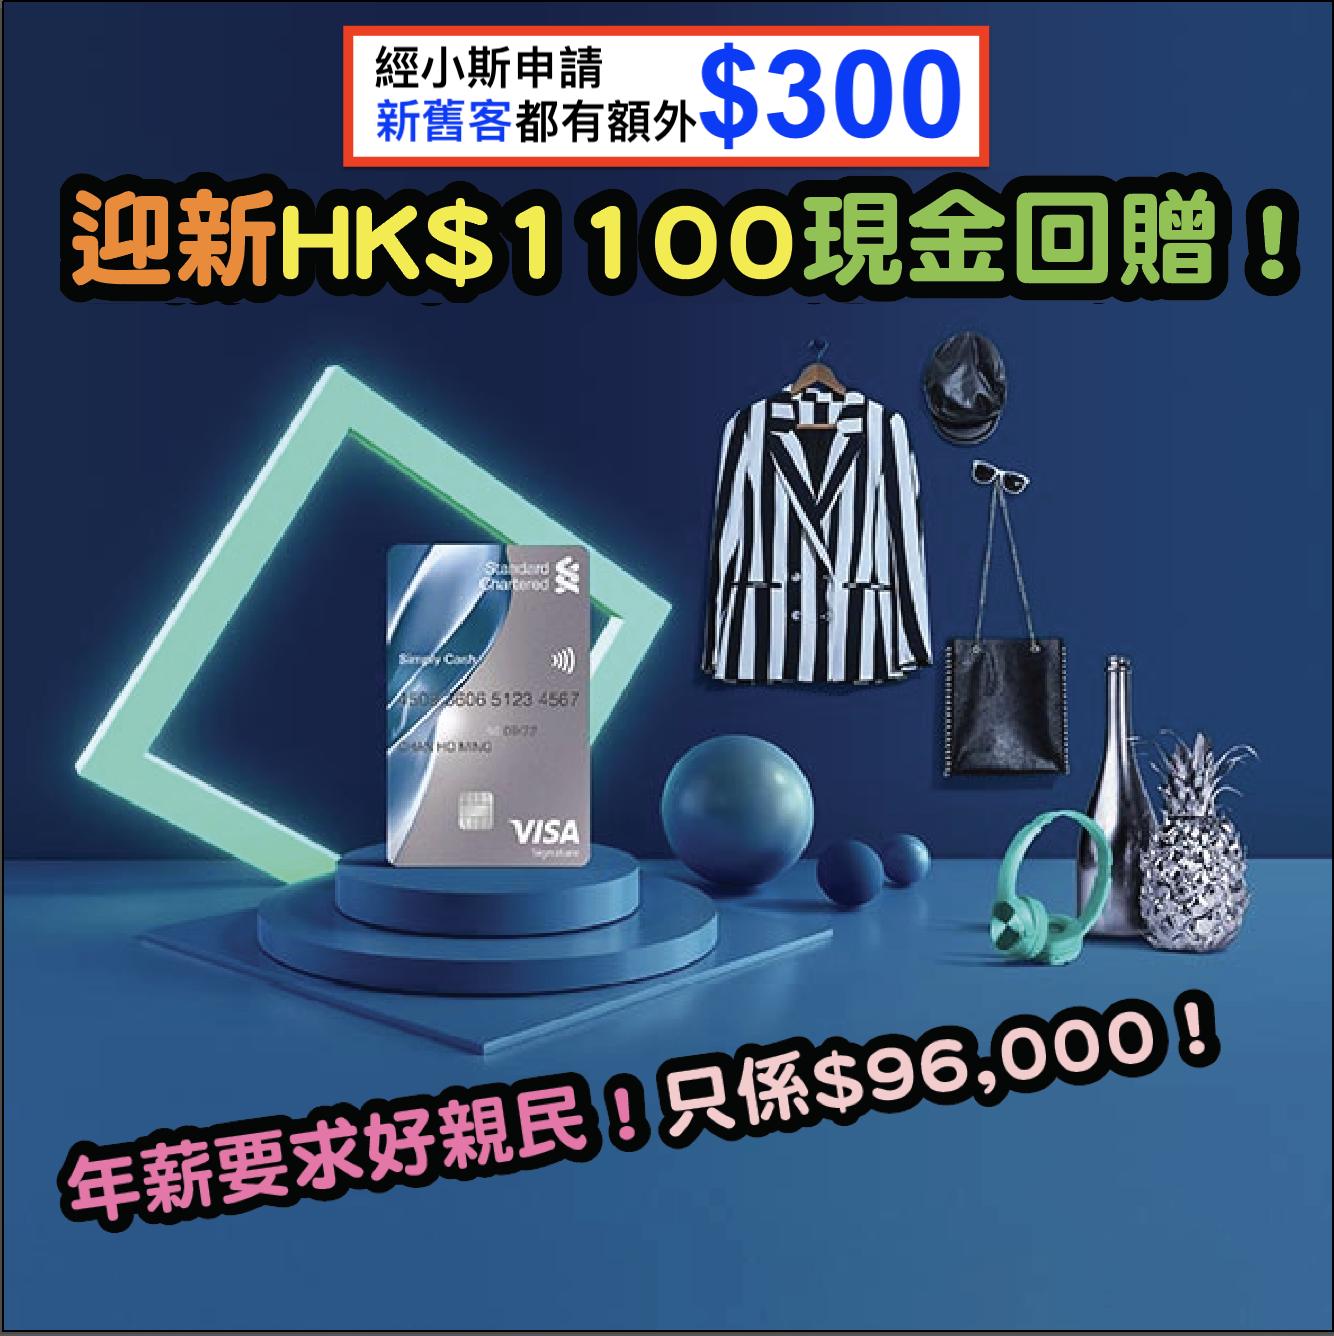 (繼續有小斯額外$300 + 渣打額外$100) 渣打Simply Cash Visa卡年薪要求只需$96,000!迎新有HK$1,100現金回贈!全年簽賬任何1.5%現金回贈!Payme/八達通自動增值都有1.5%!